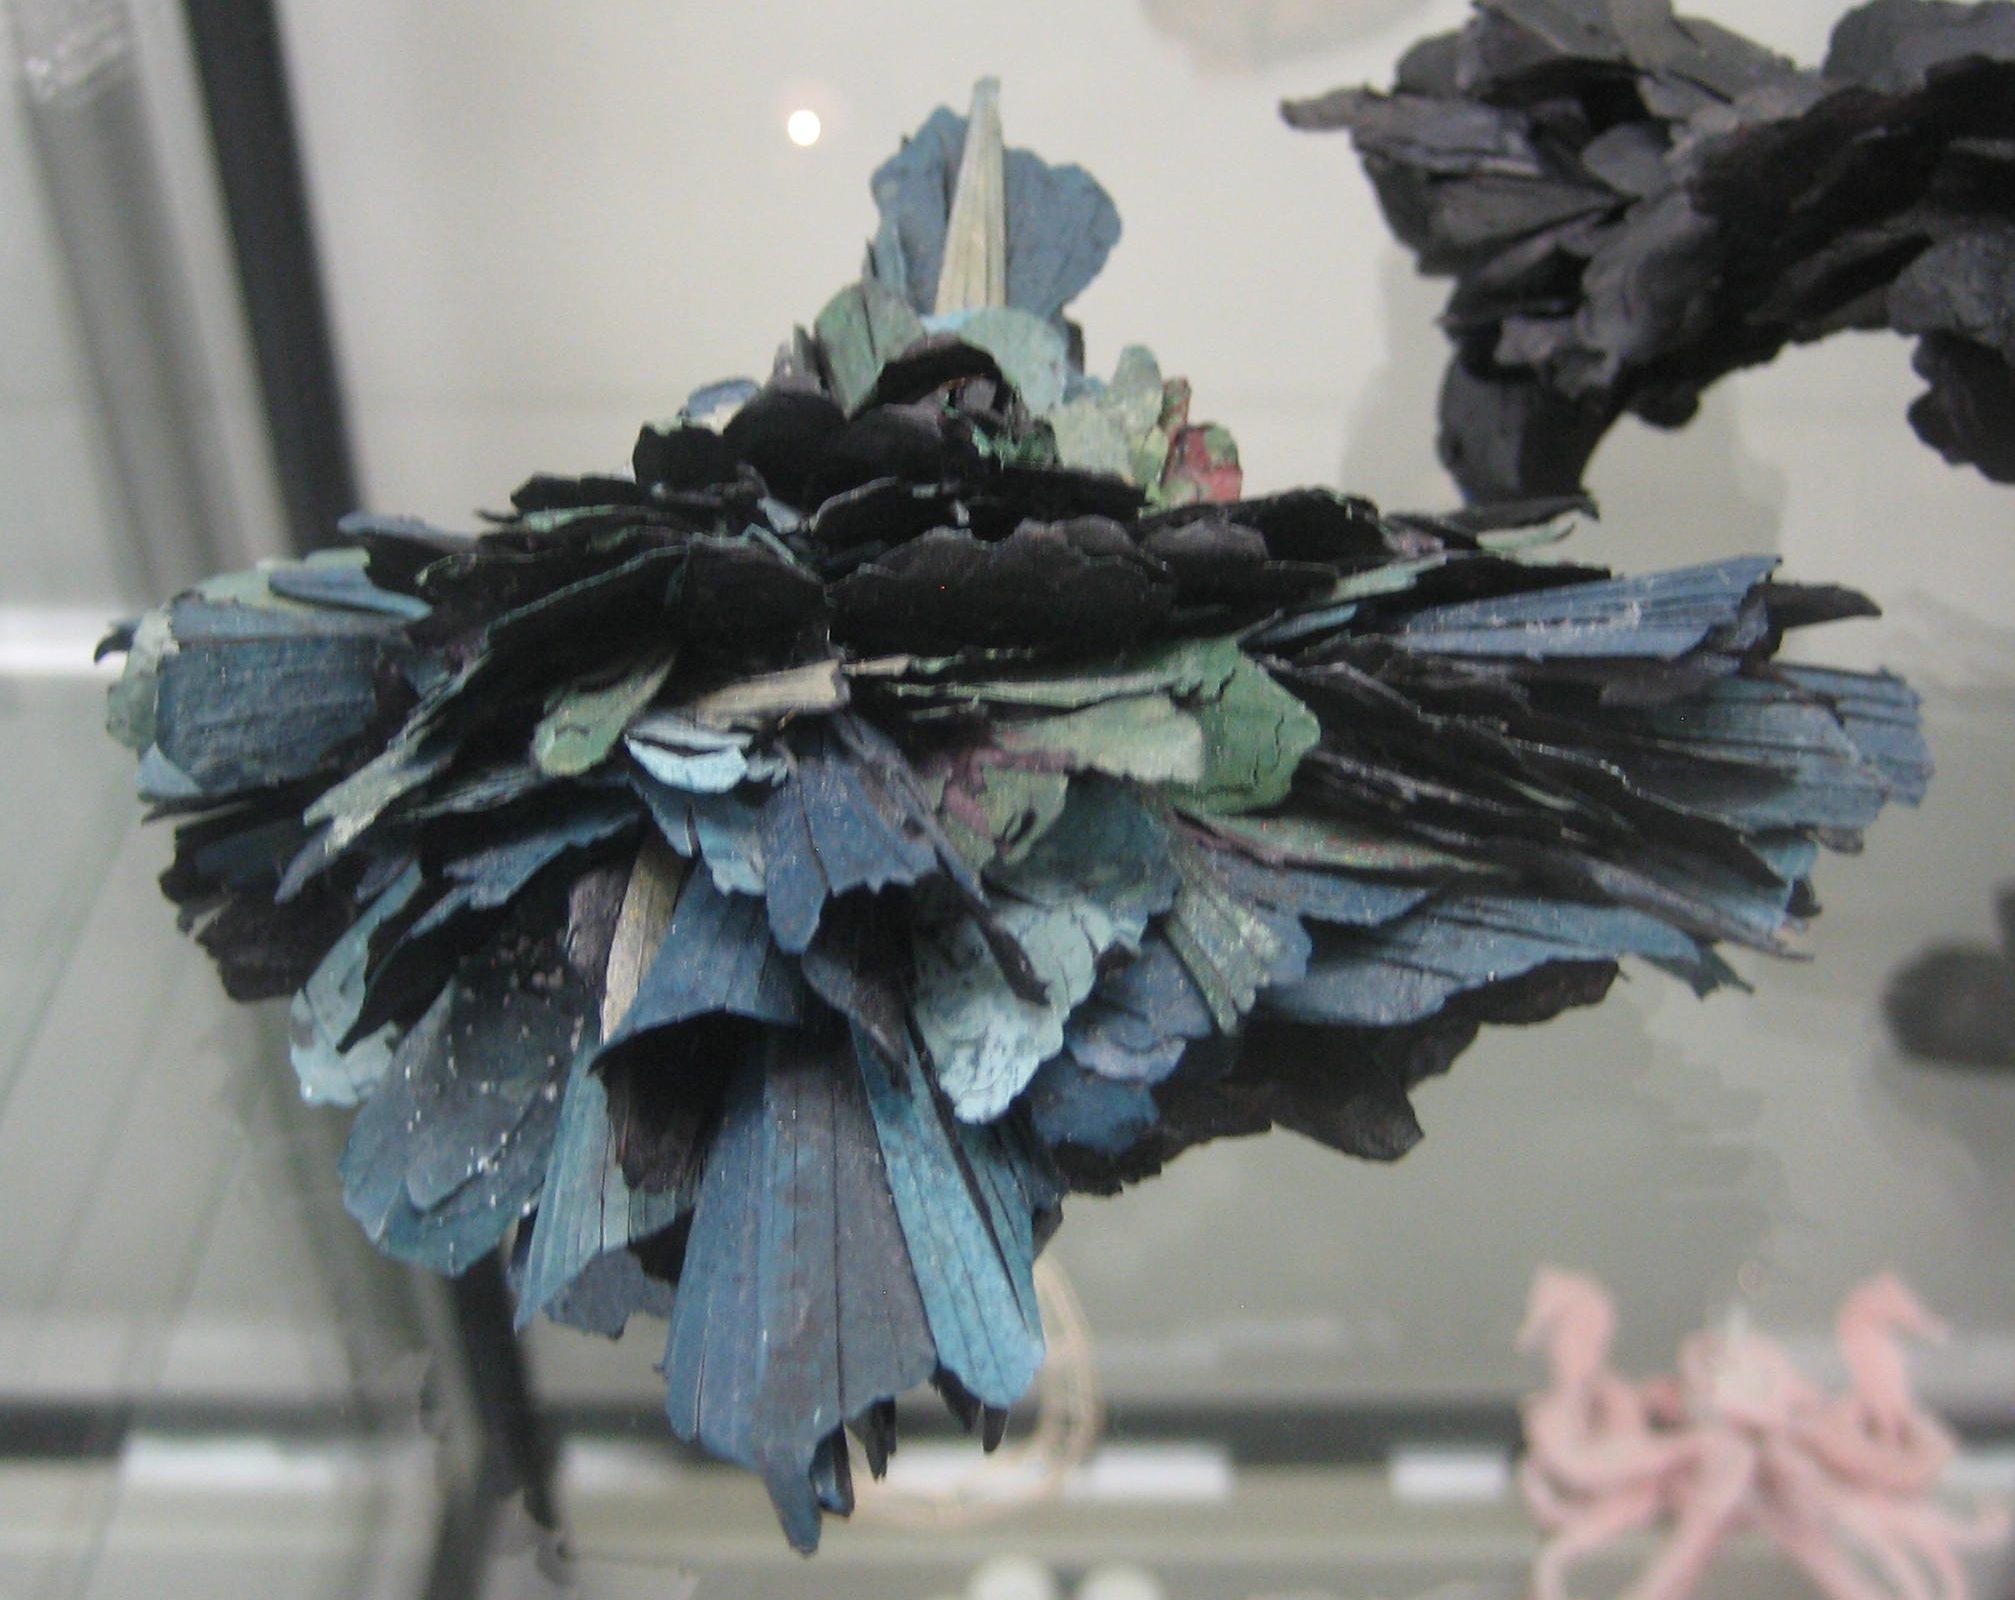 Attai Chen, broche in Galerie Ra, juni 2018, vitrine